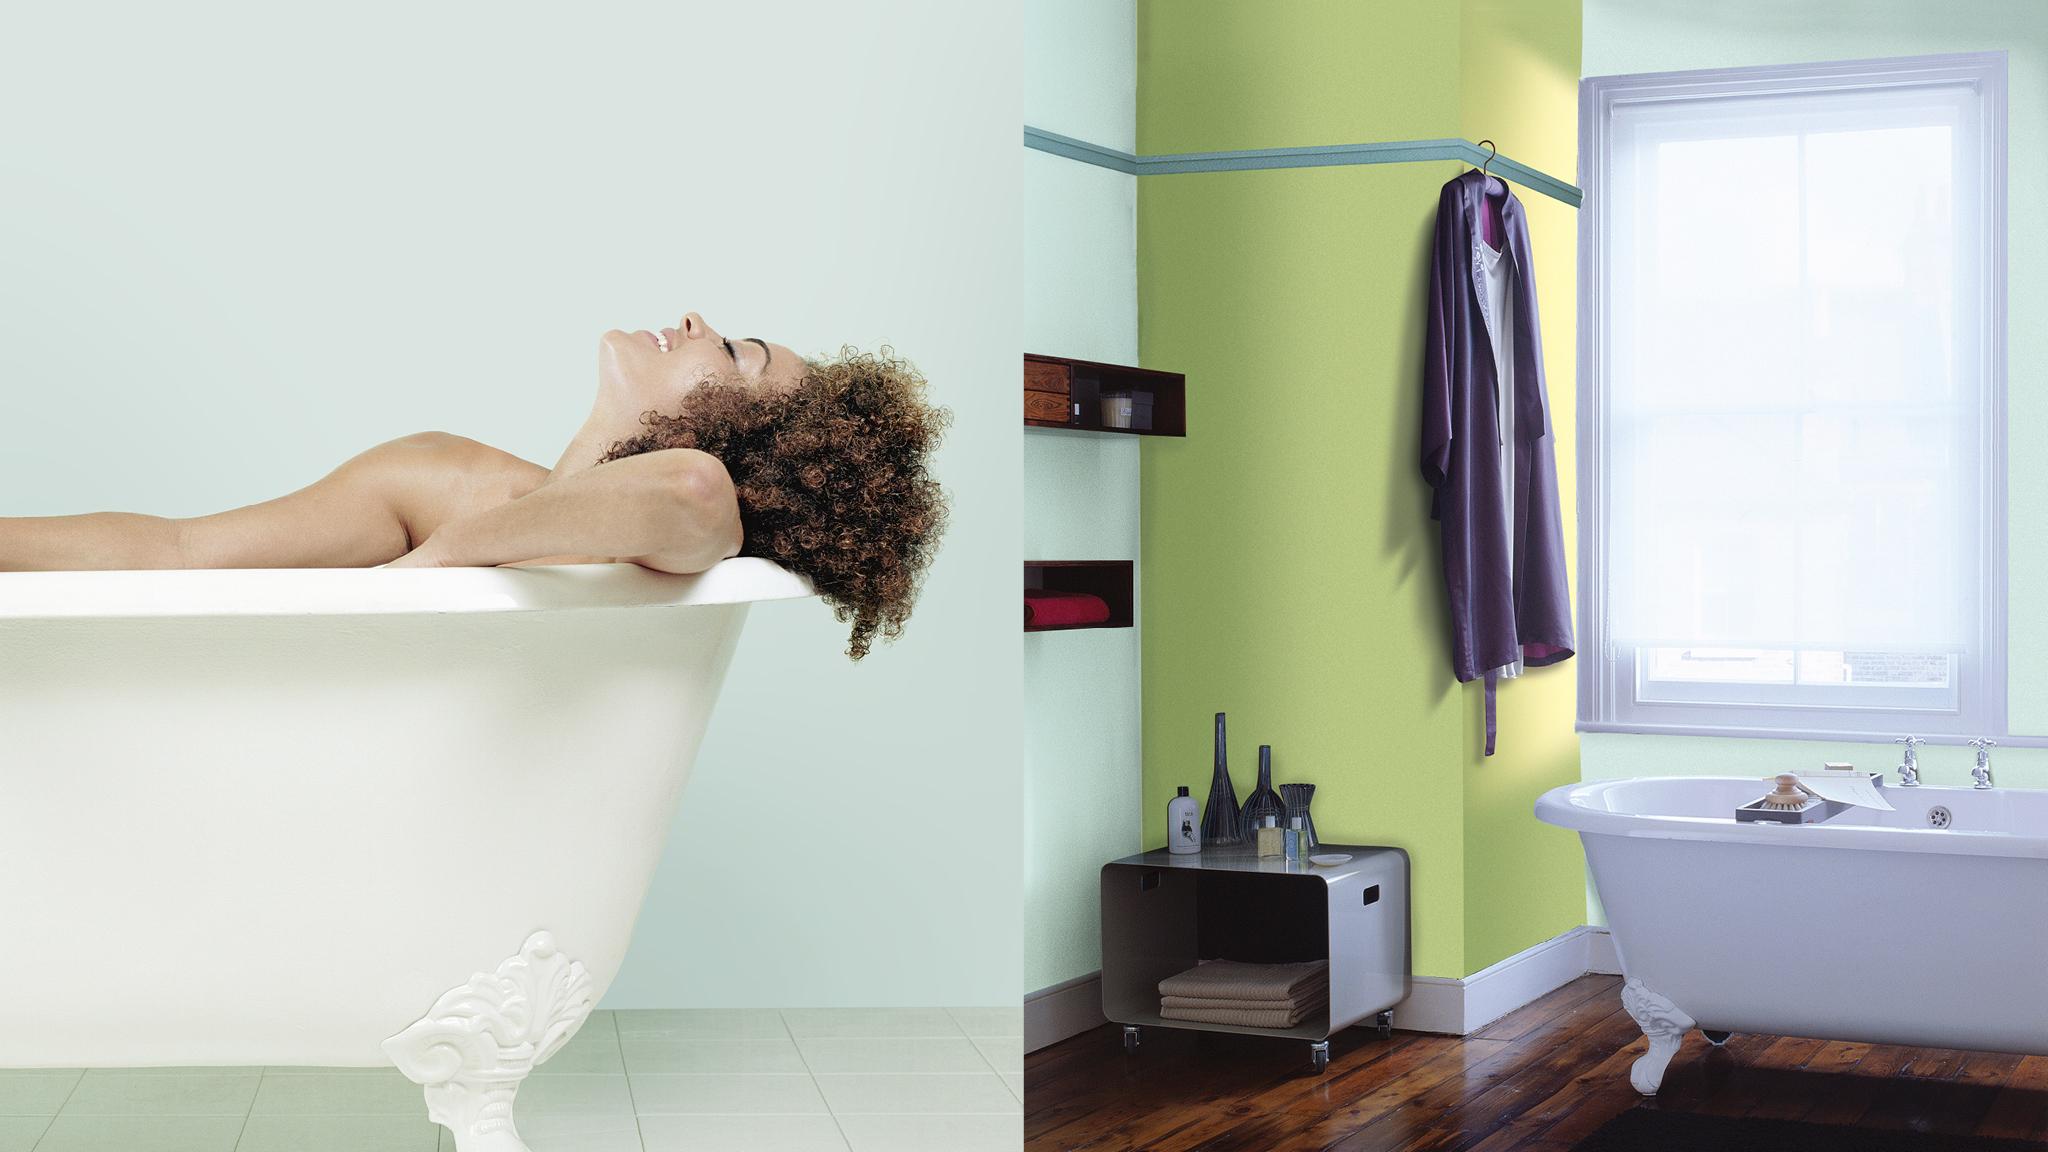 Prachtige Badkamers Waar Je Niet Lang Op Hoeft Te Wachten Levis